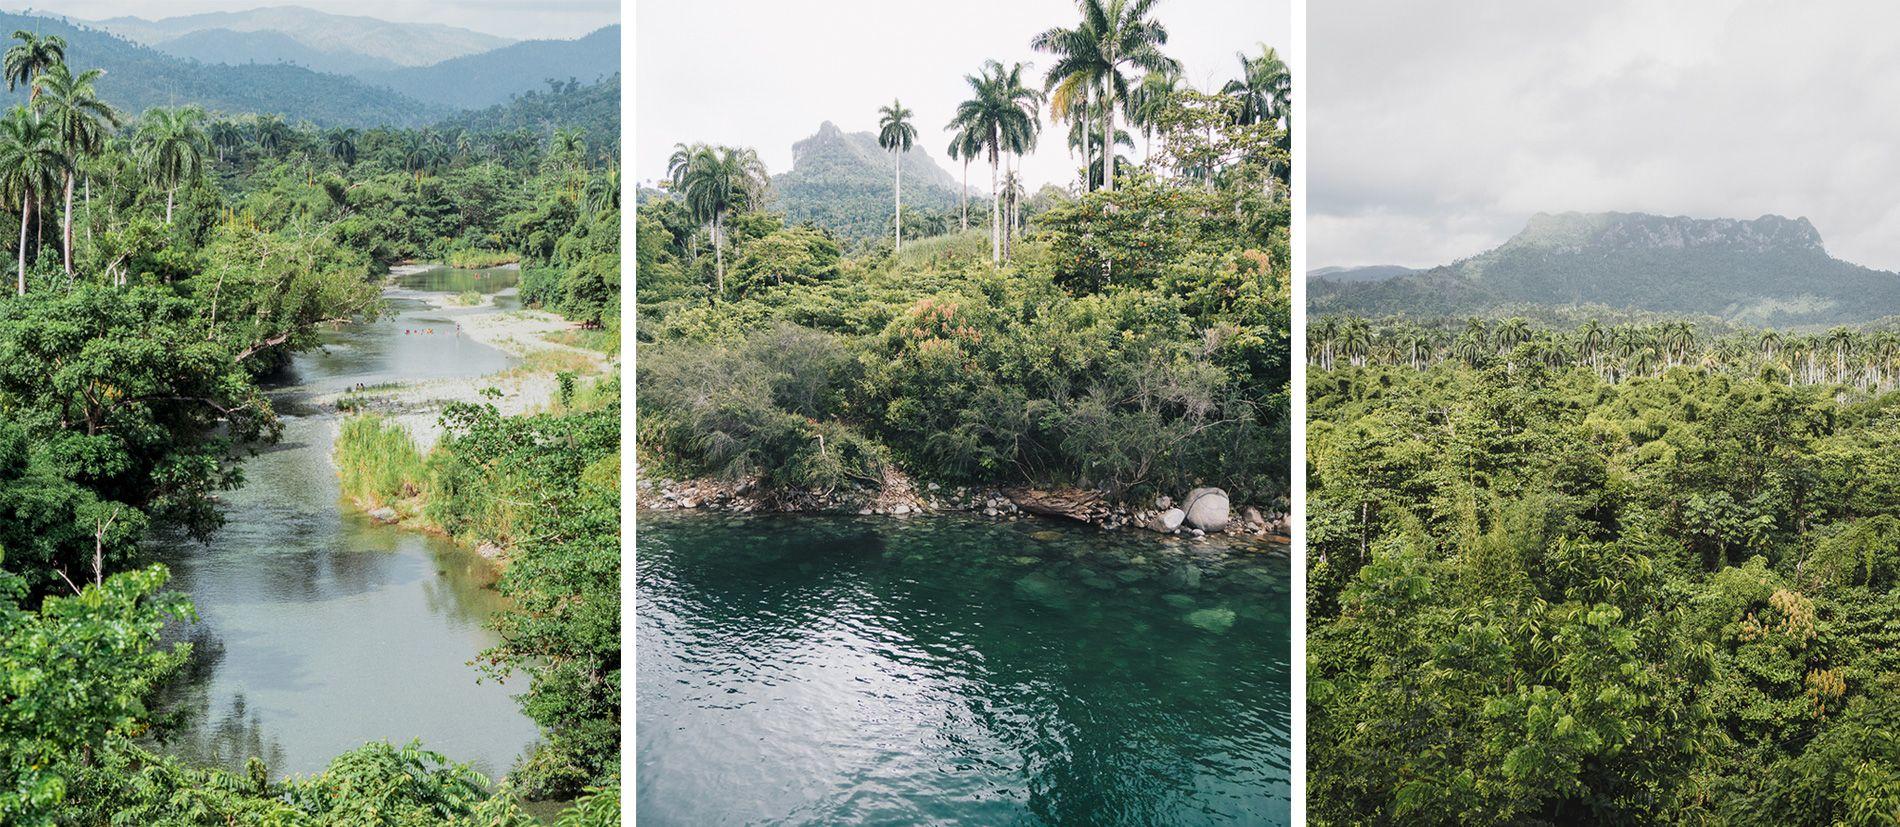 Cuba |Mont Yunque Baracoa